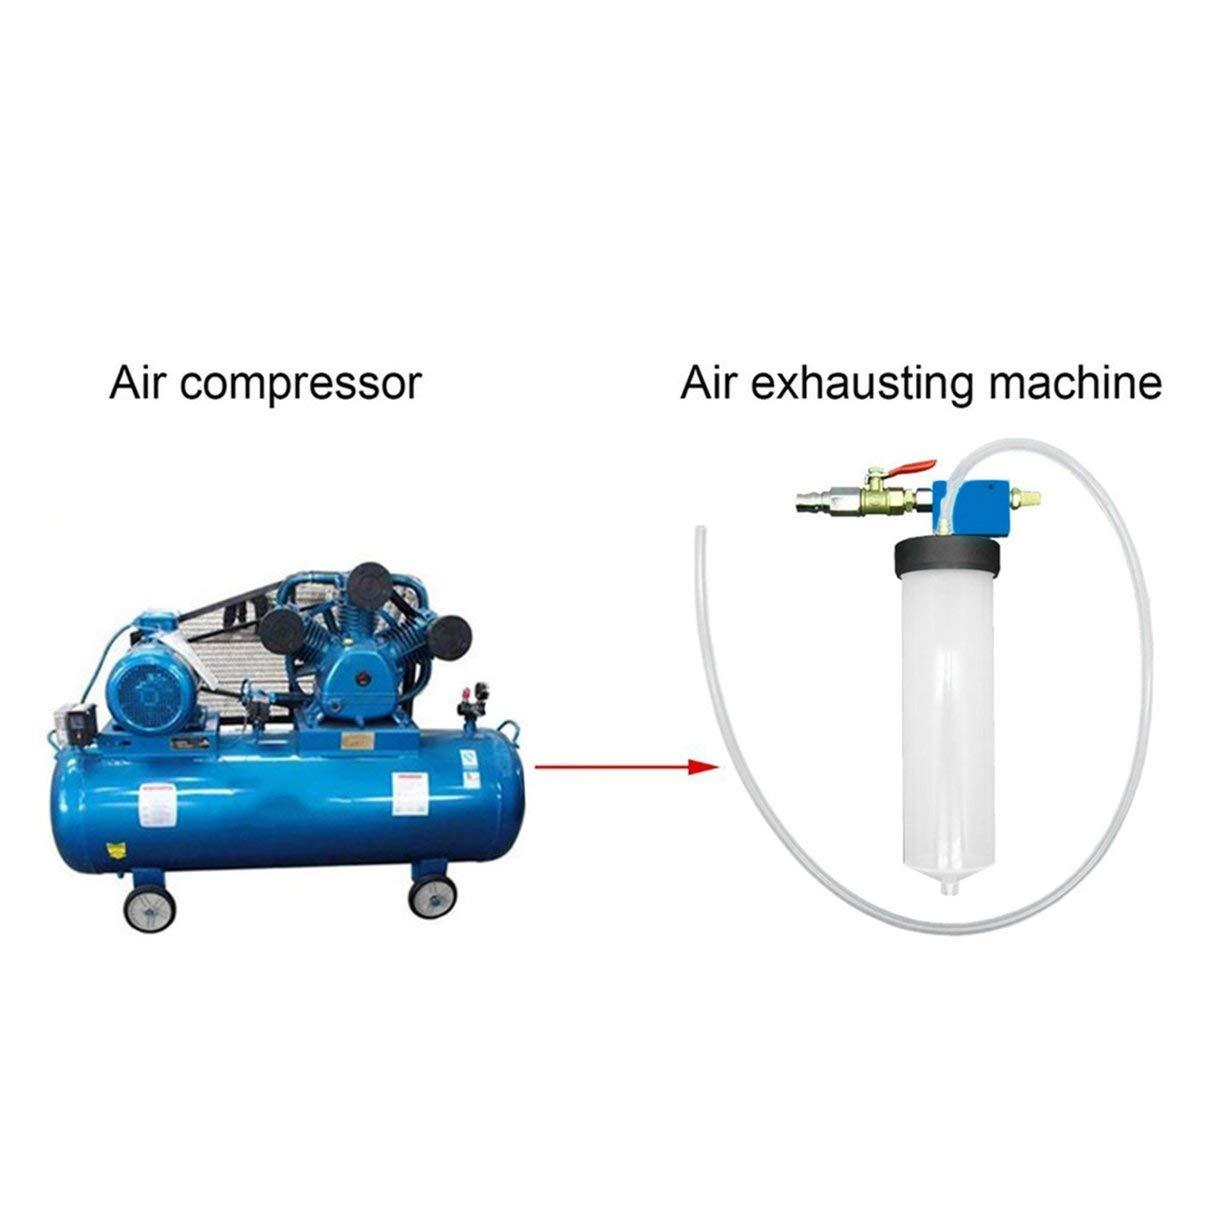 JullyeleESgant Herramienta de reemplazo de Cambio de Aceite del líquido de Freno del automóvil Automático Embrague hidráulico Bomba de Aceite Depurador de ...